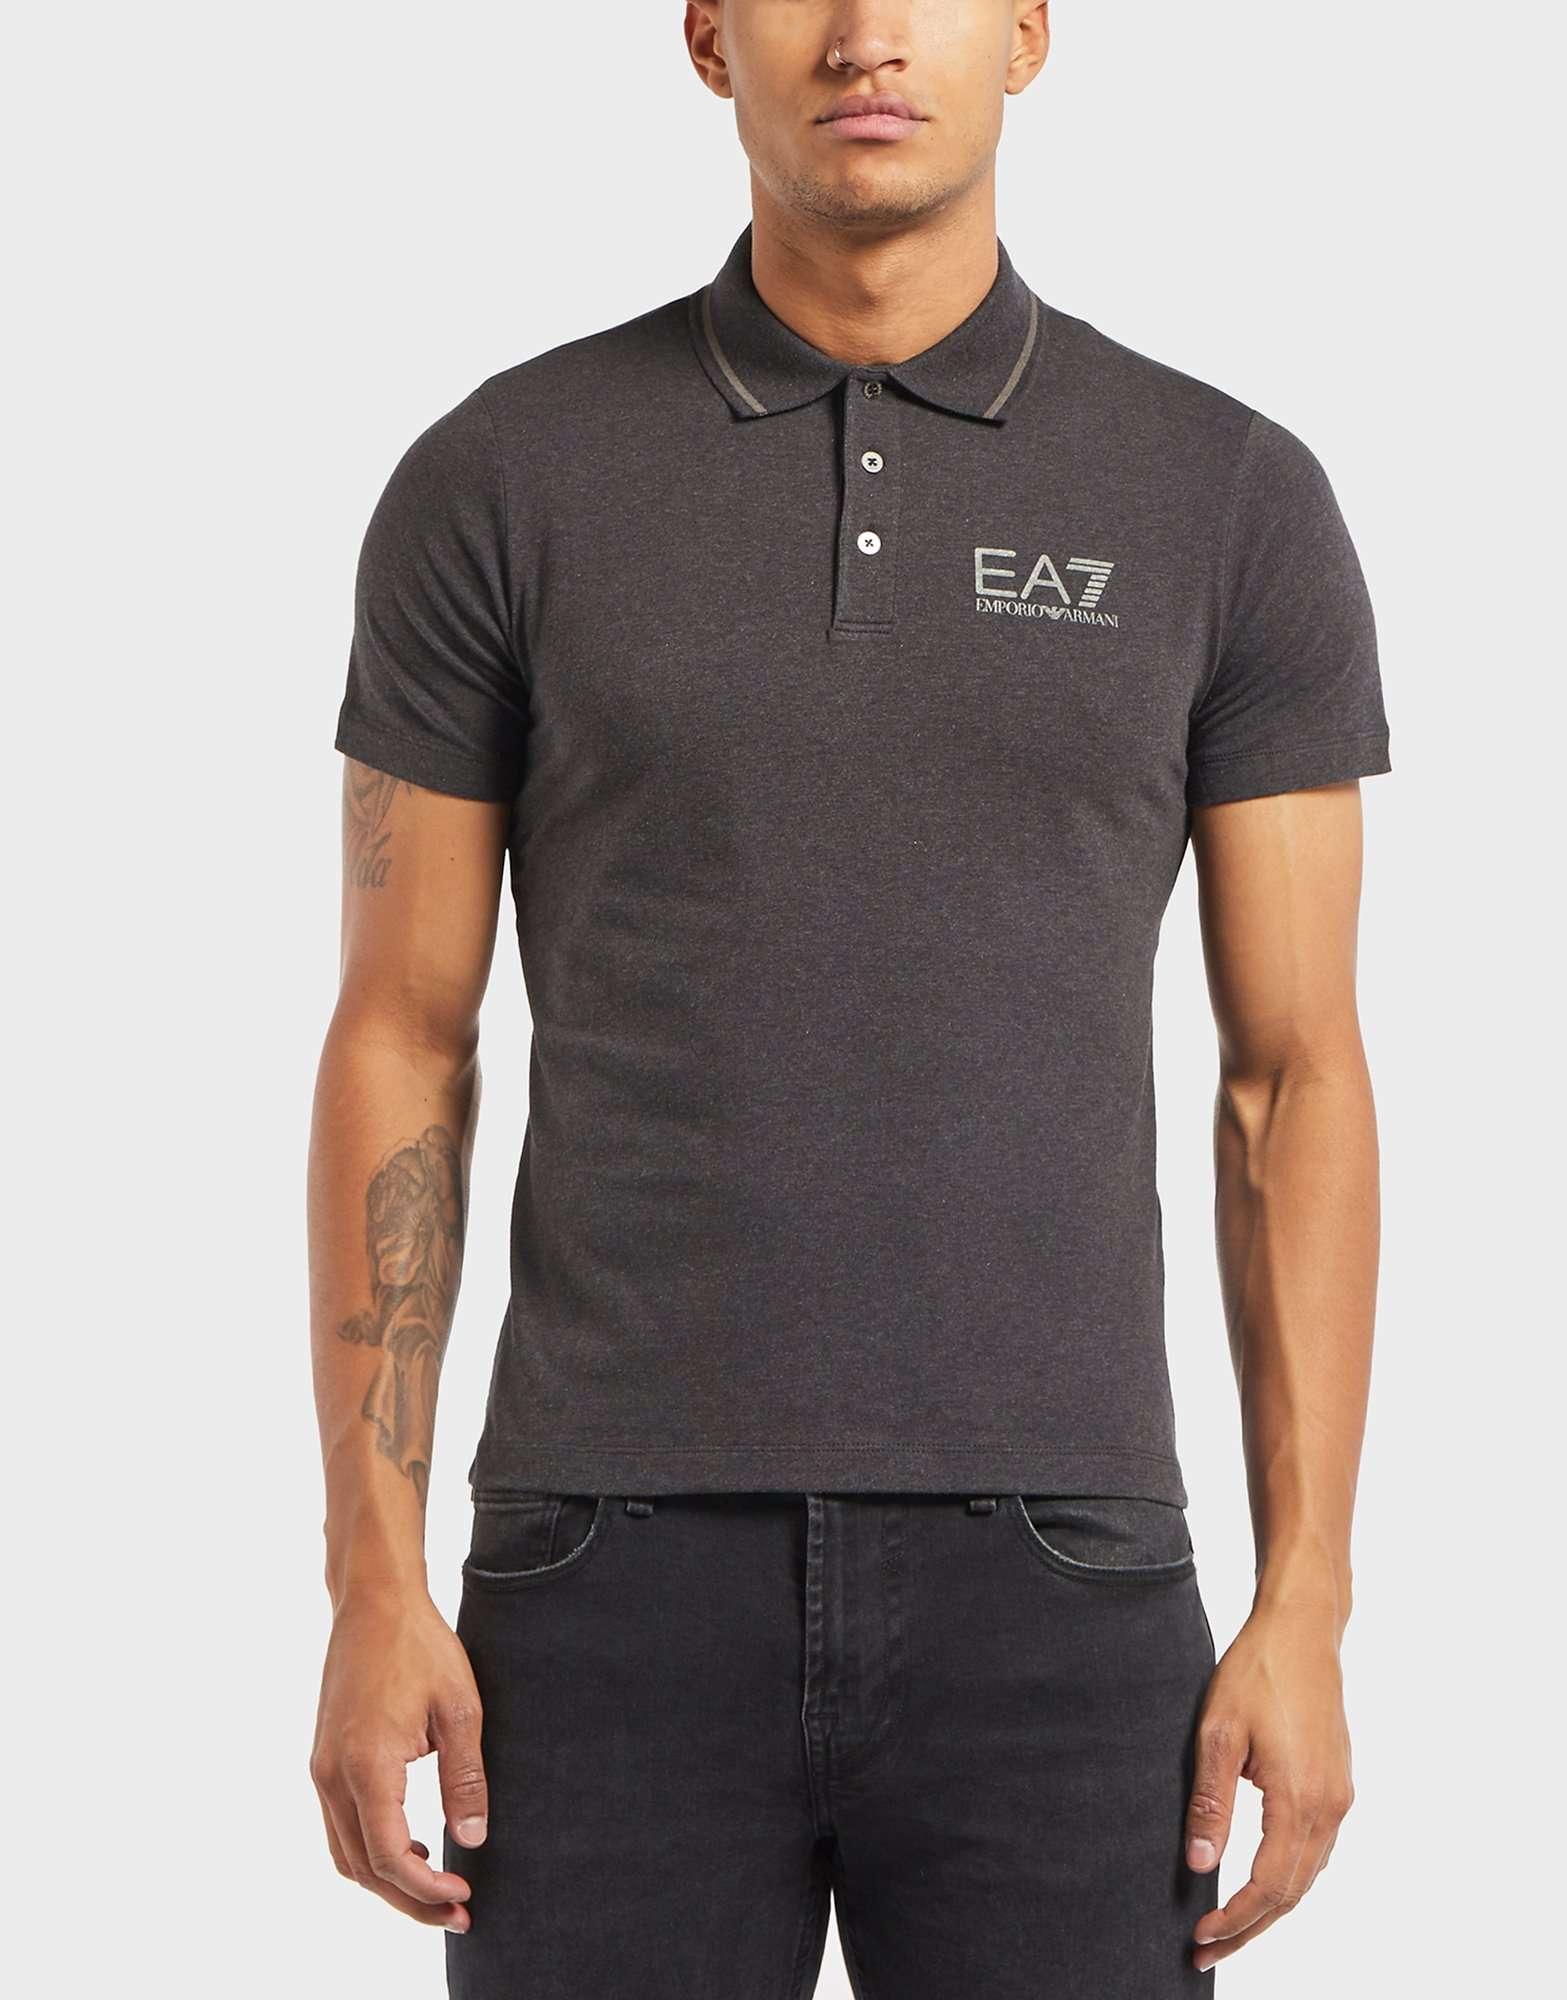 Emporio Armani EA7 Core Jersey Short Sleeve Polo Shirt